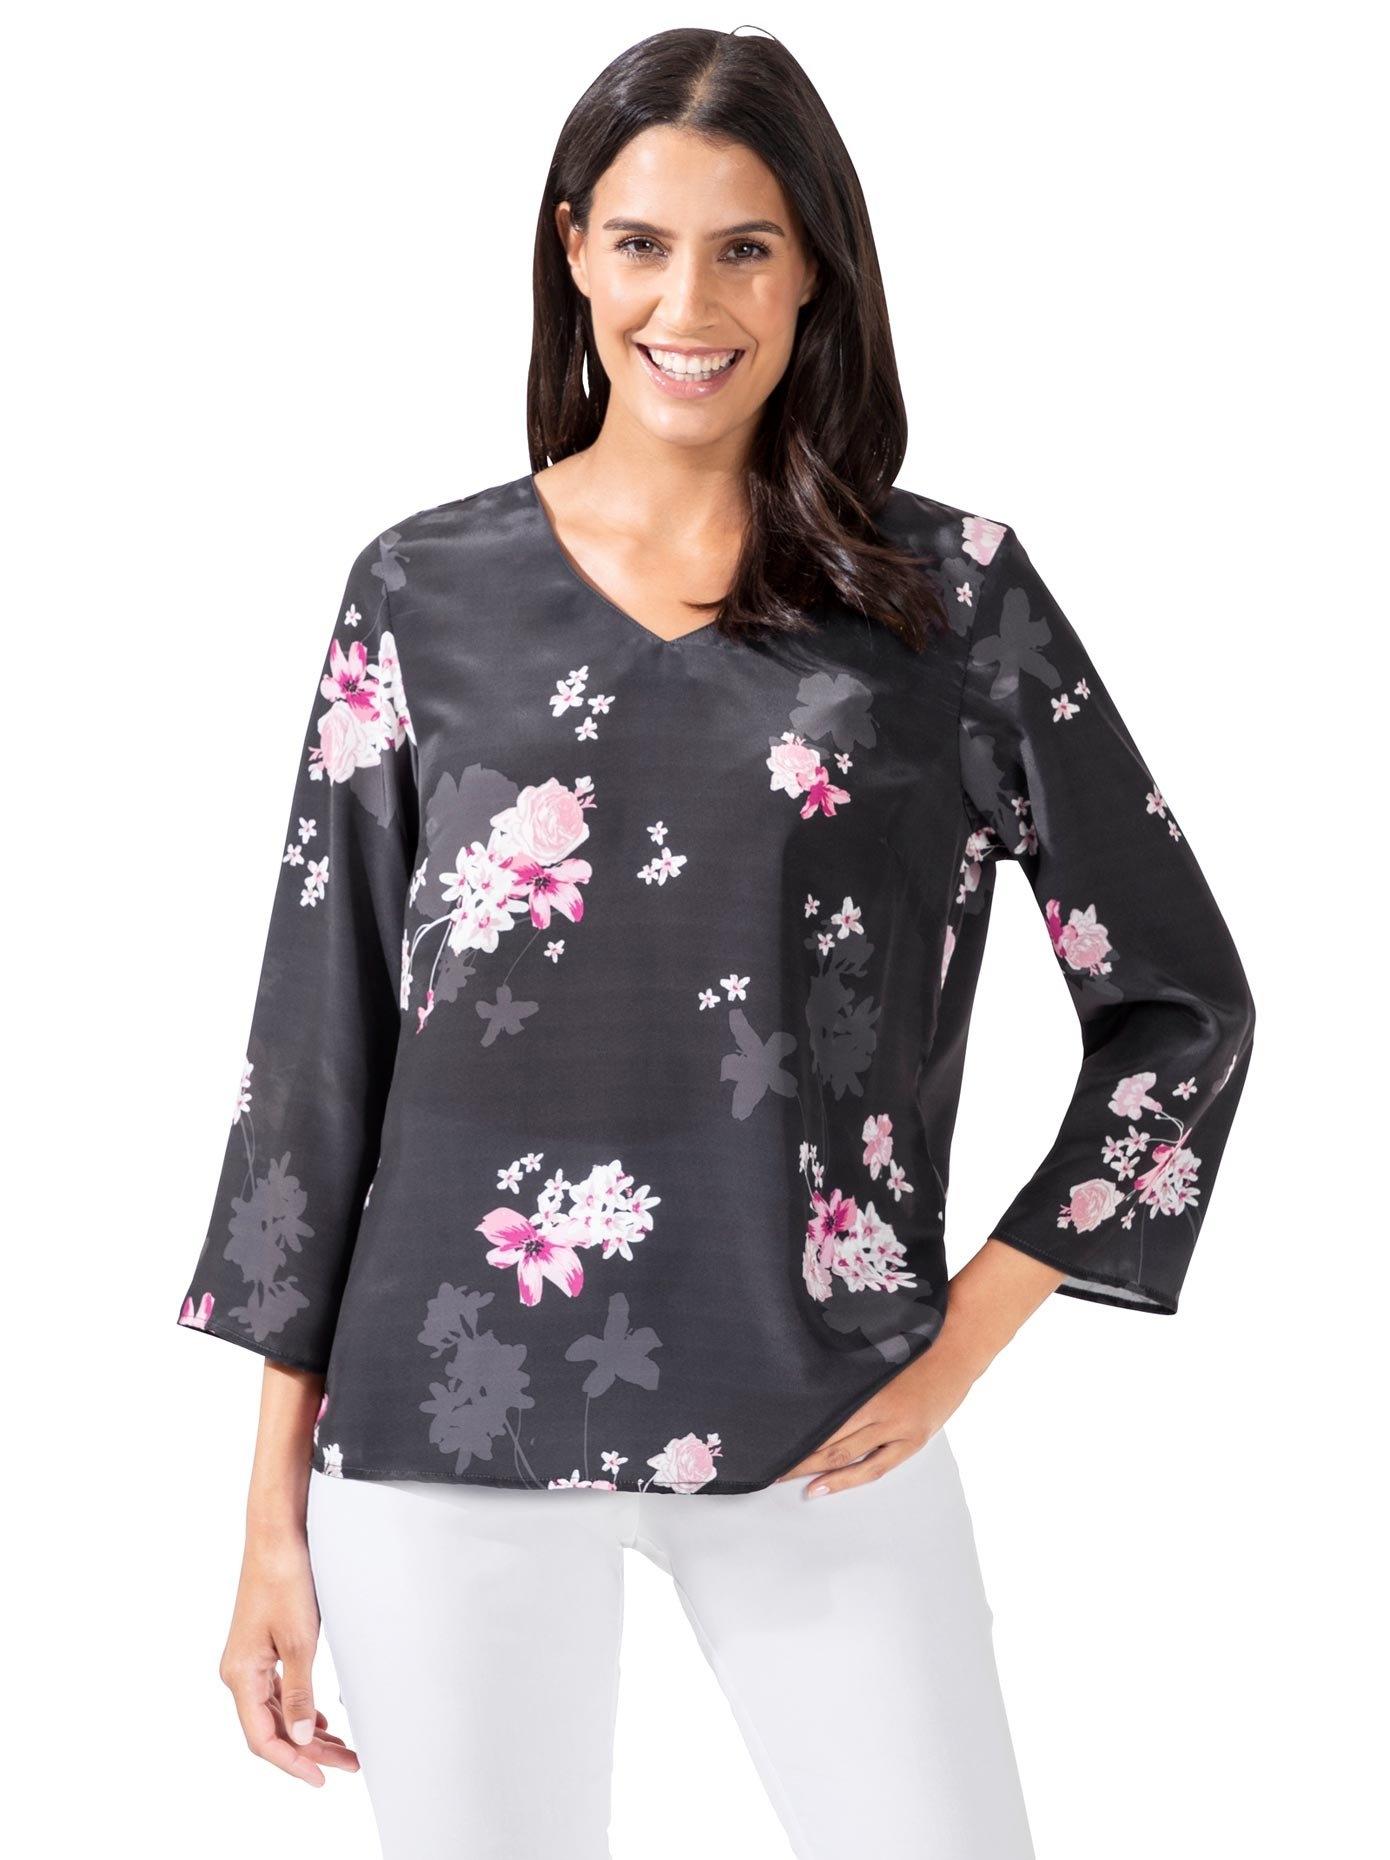 Classic Inspirationen blouse zonder sluiting voordelig en veilig online kopen